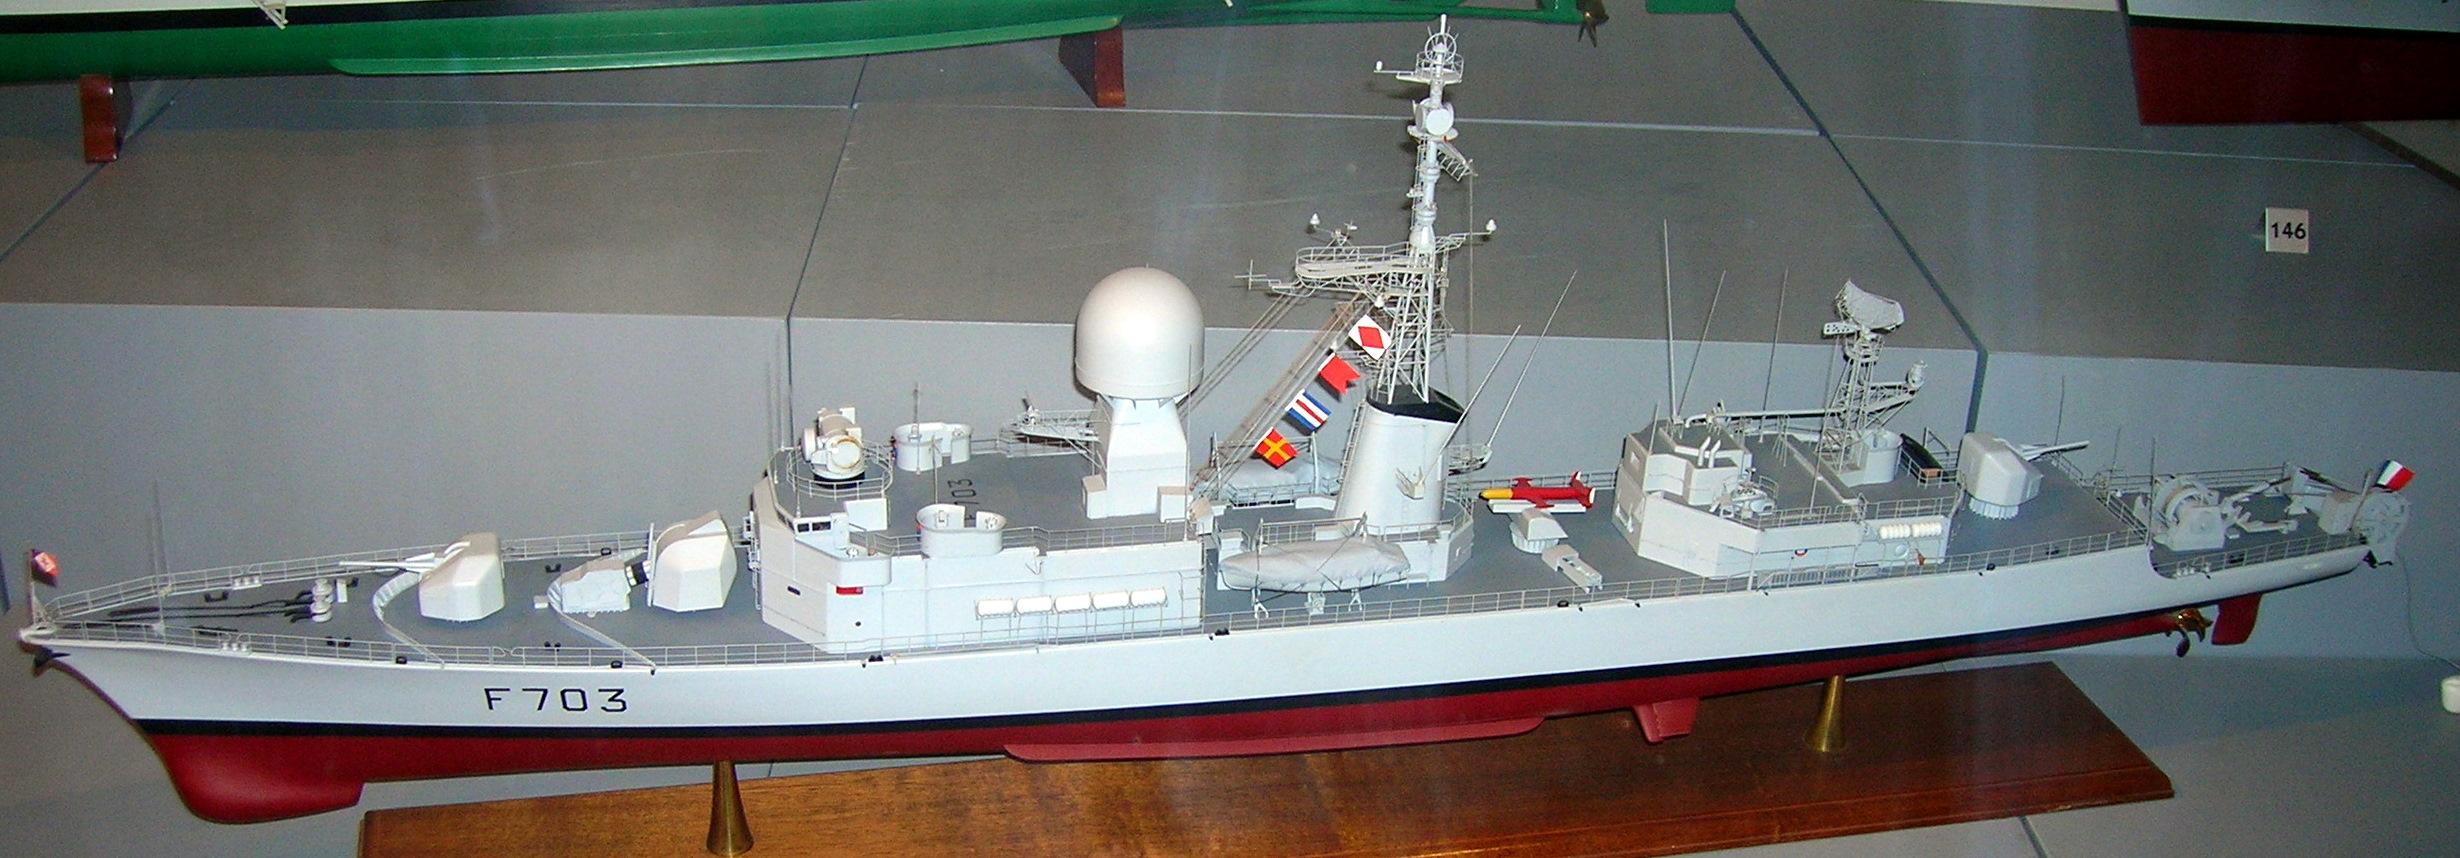 アコニト (駆逐艦) - Wikipedia